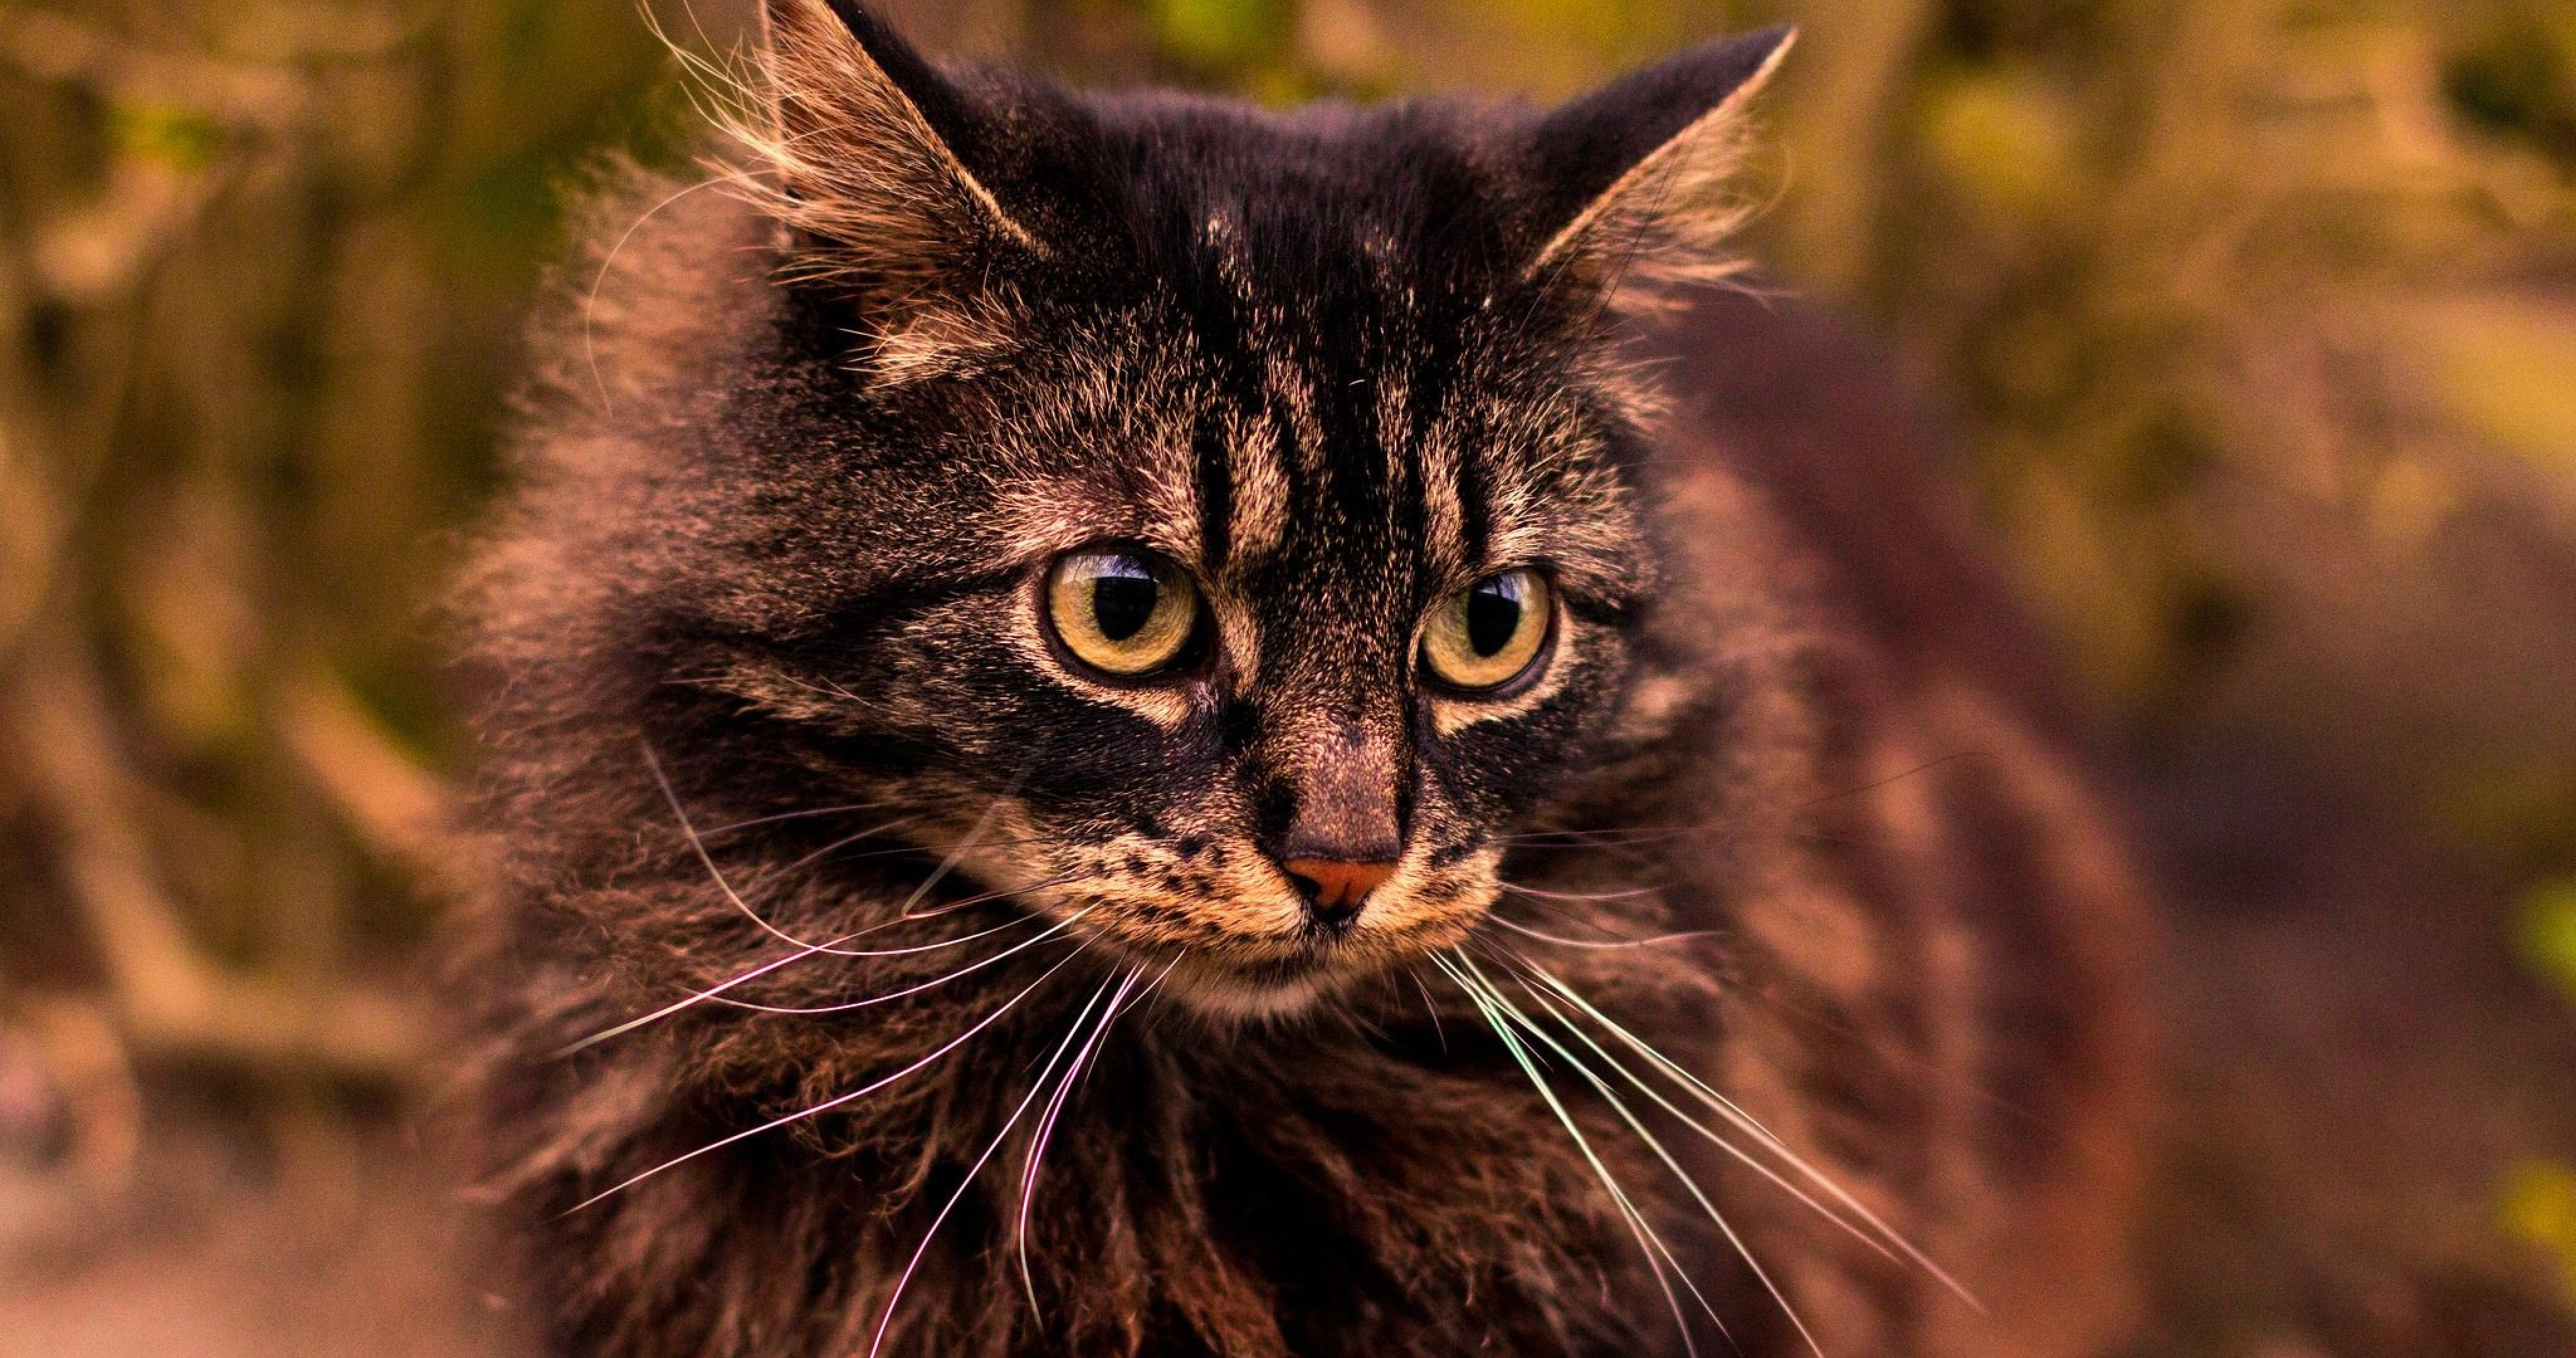 Gray Fluffy Cat 55 4k Ultra Hd Wallpaper Fluffy Cat Cat